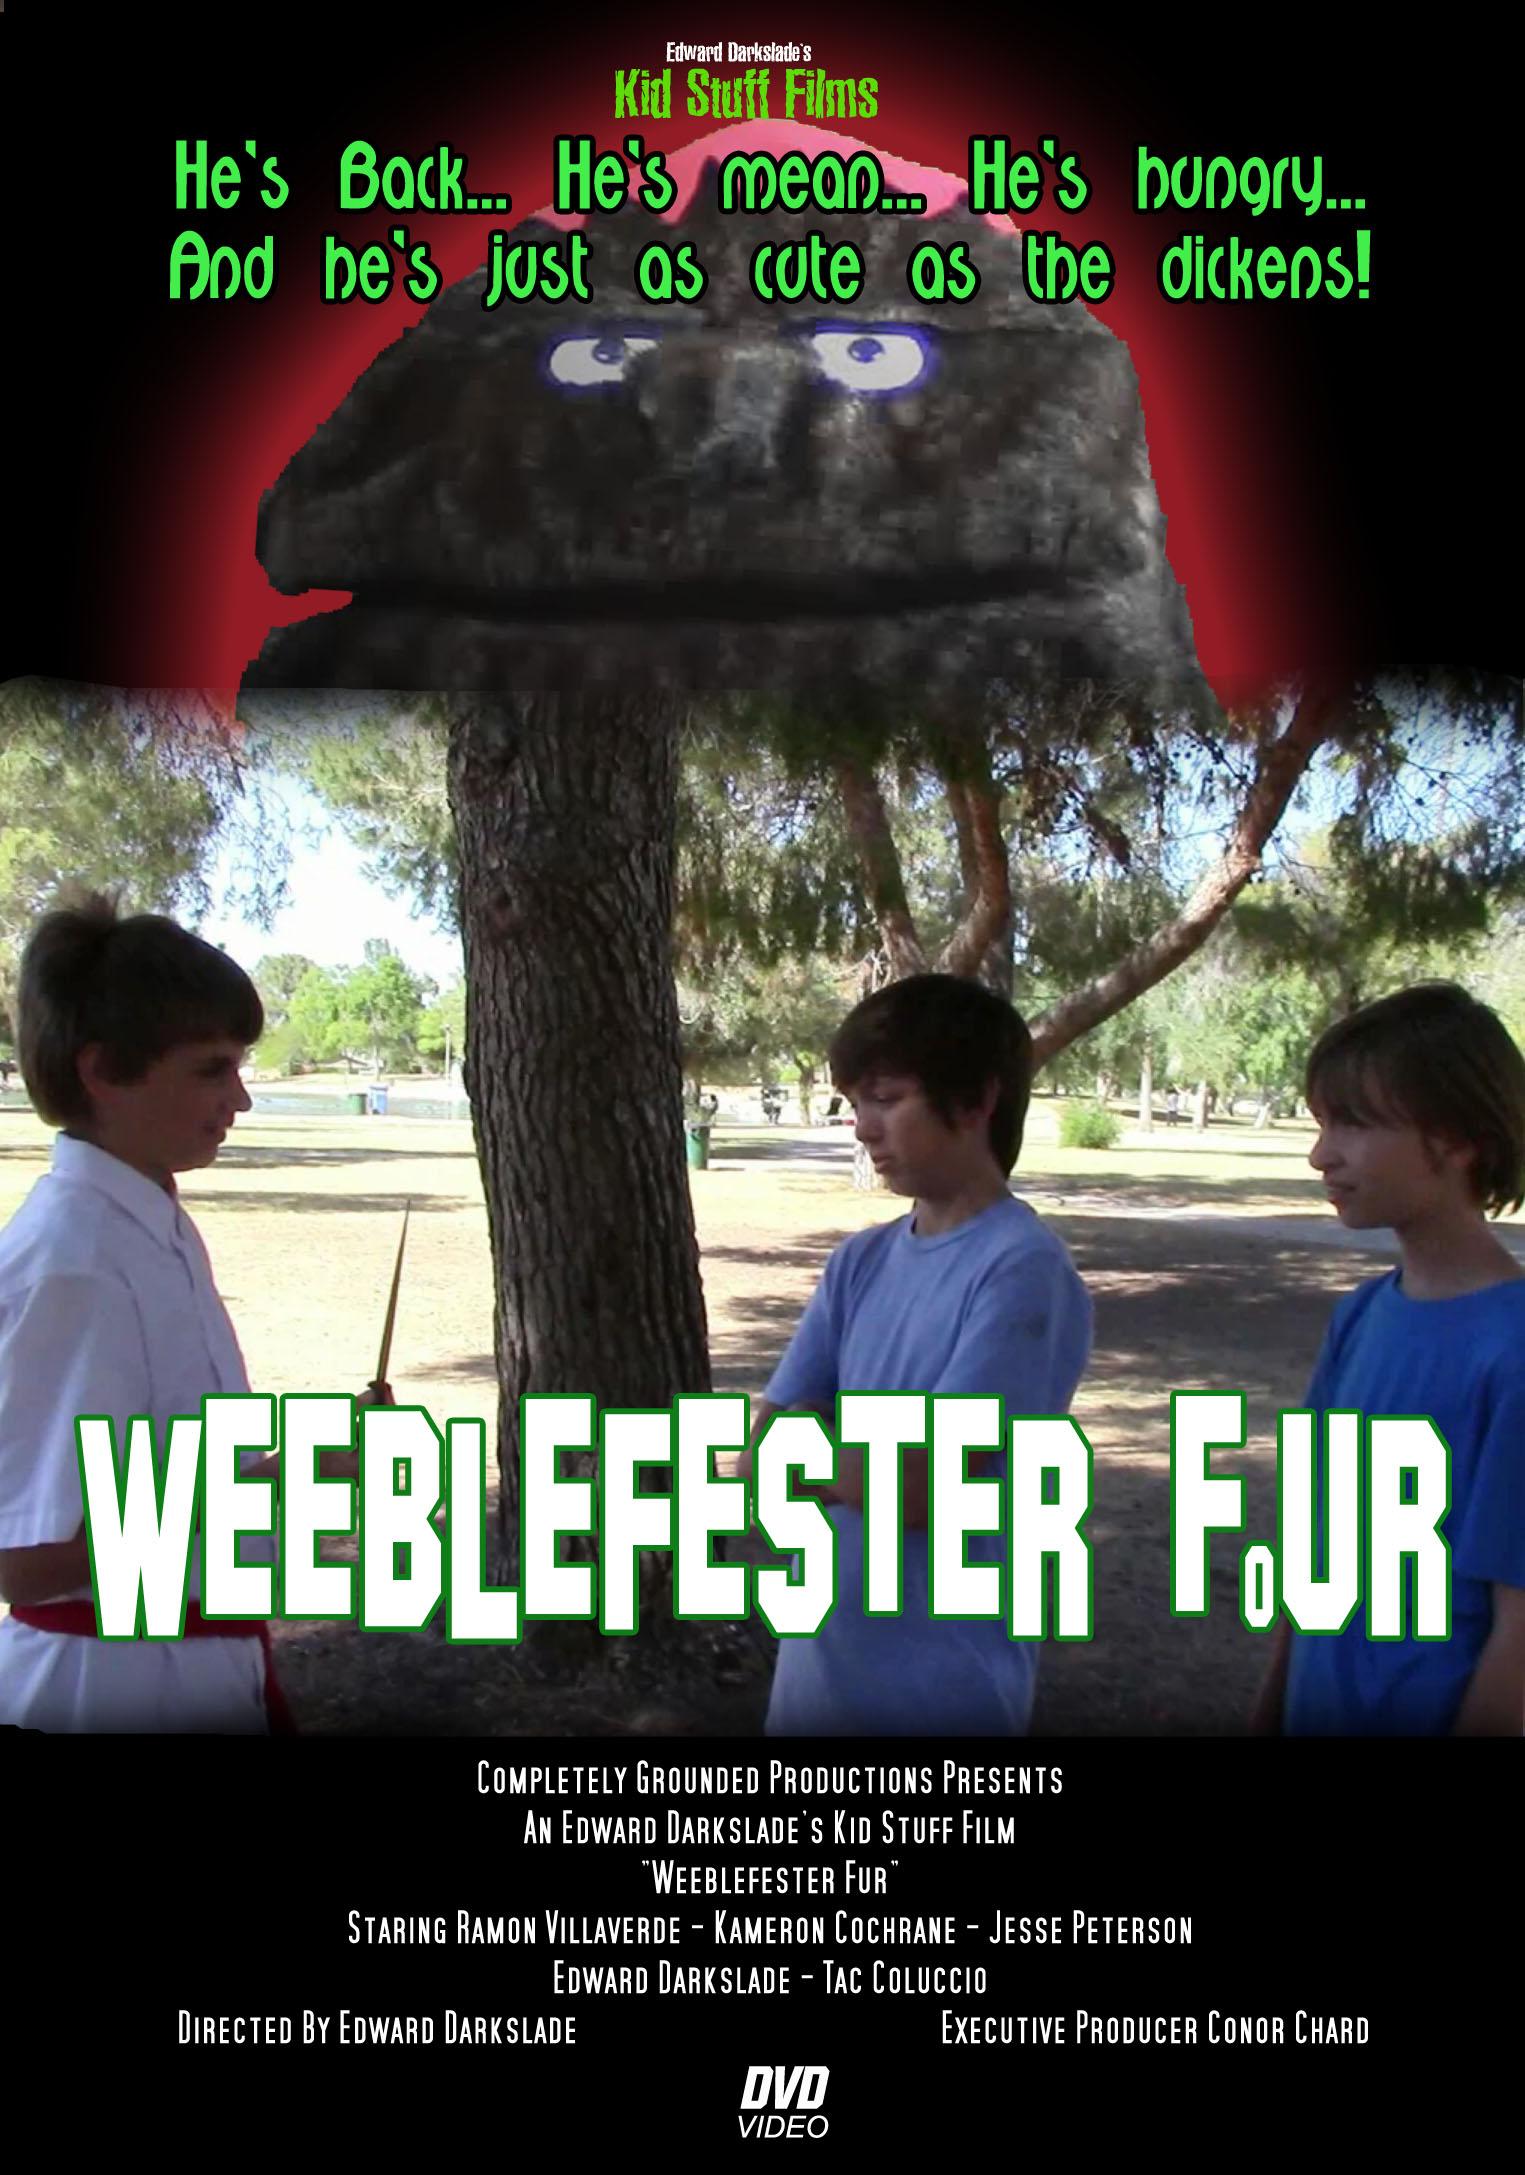 Weeblefester Fur